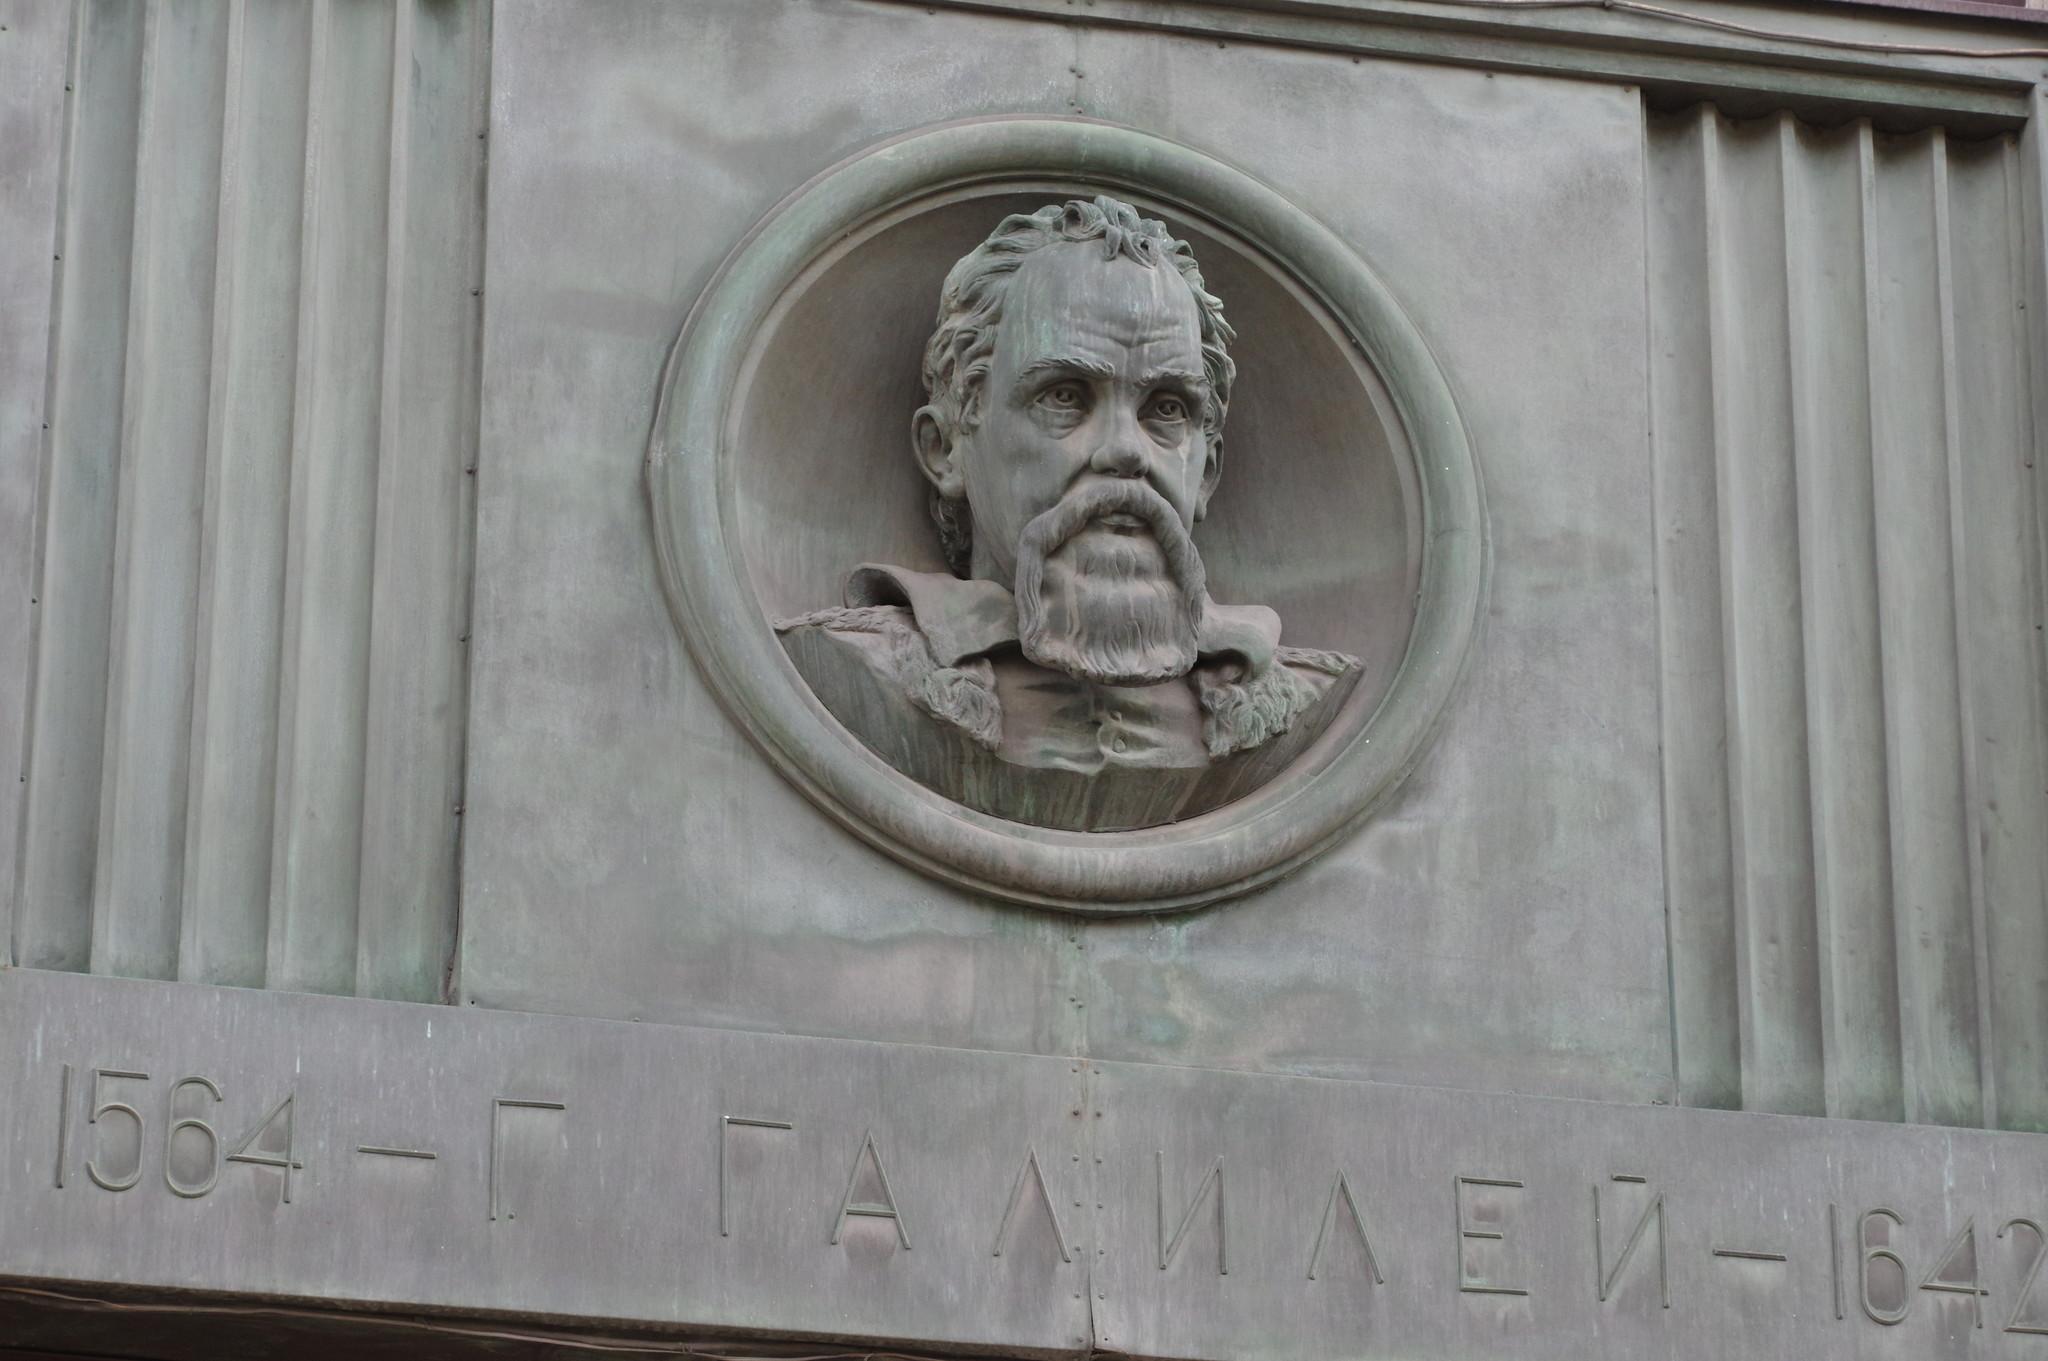 Бронзовый барельеф с изображением Галилео Галилея расположенный между пилонами фасада Российской государственной библиотеки